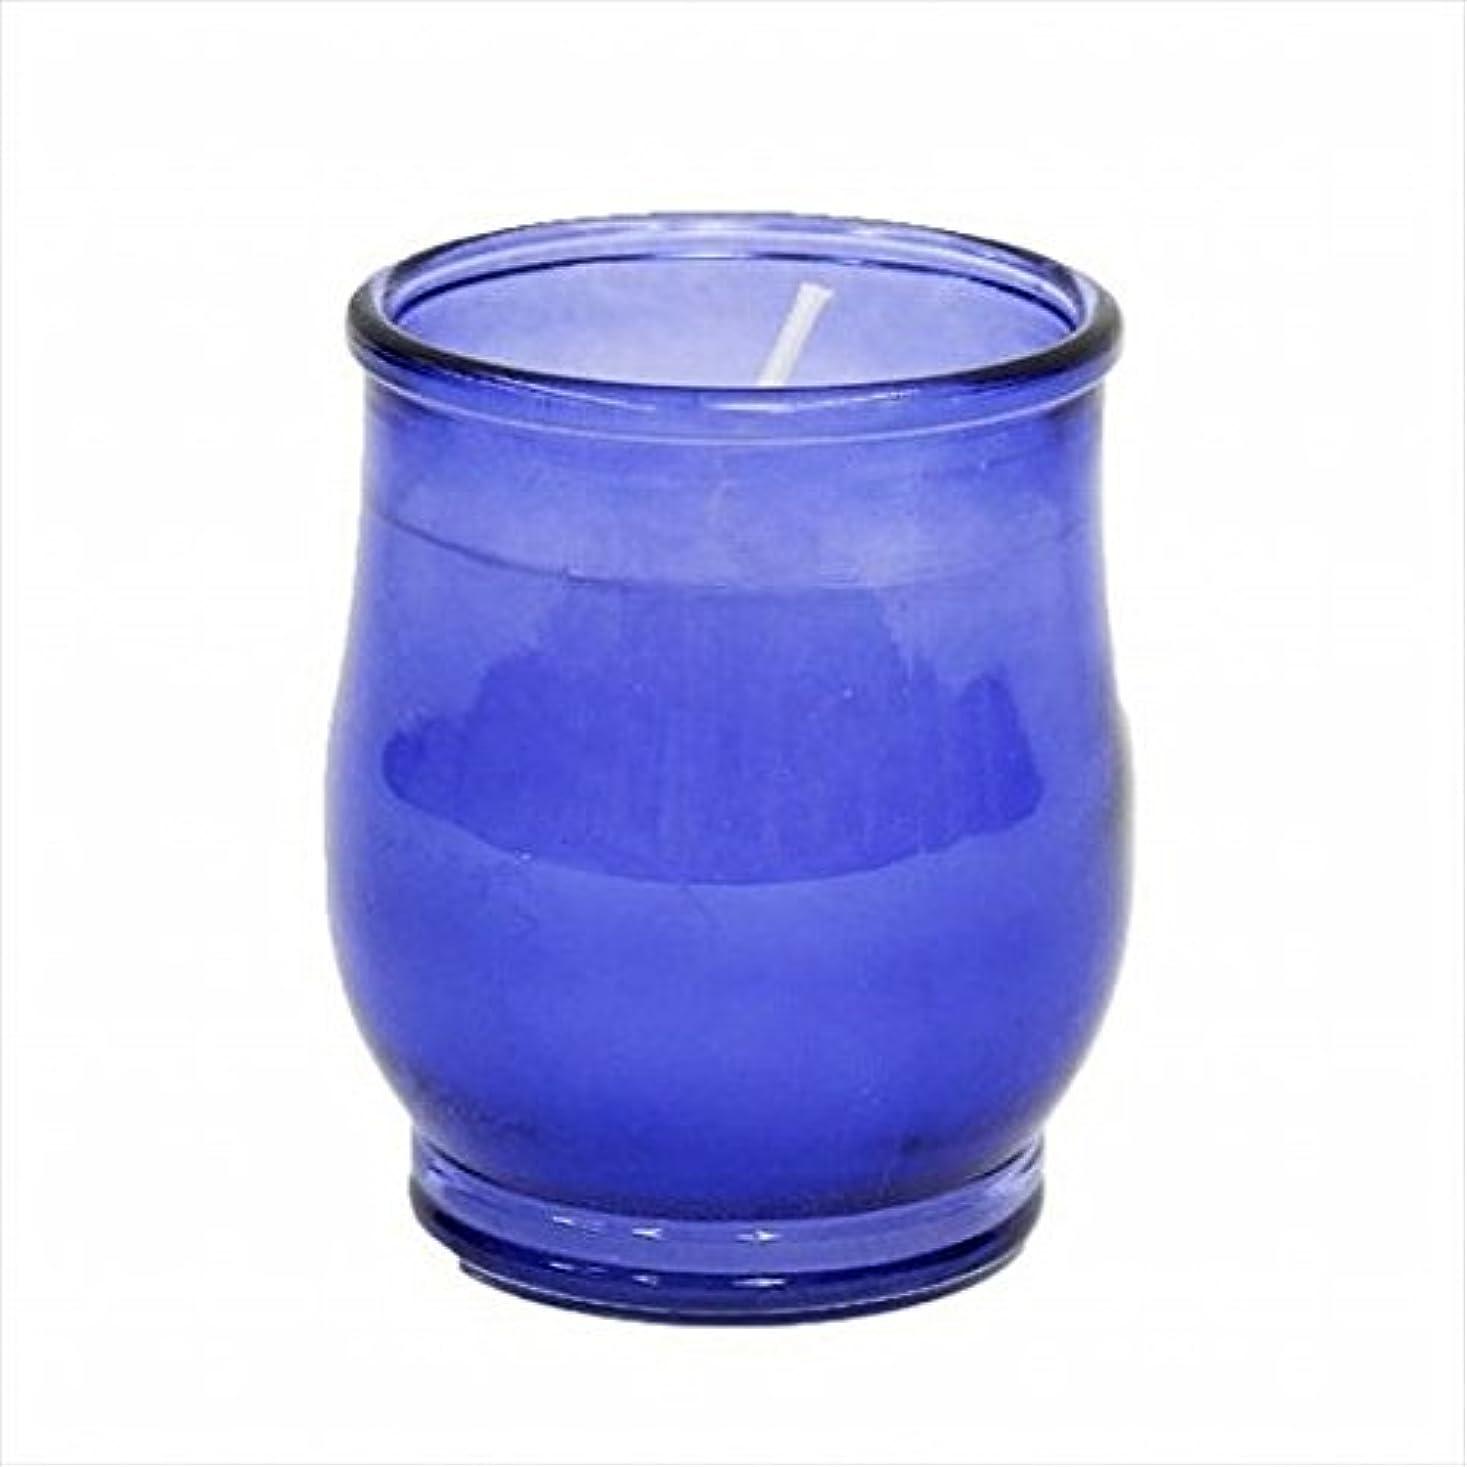 世紀前売割るkameyama candle(カメヤマキャンドル) ポシェ(非常用コップローソク) 「 ブルー(ライトカラー) 」 キャンドル 68x68x80mm (73020030B)